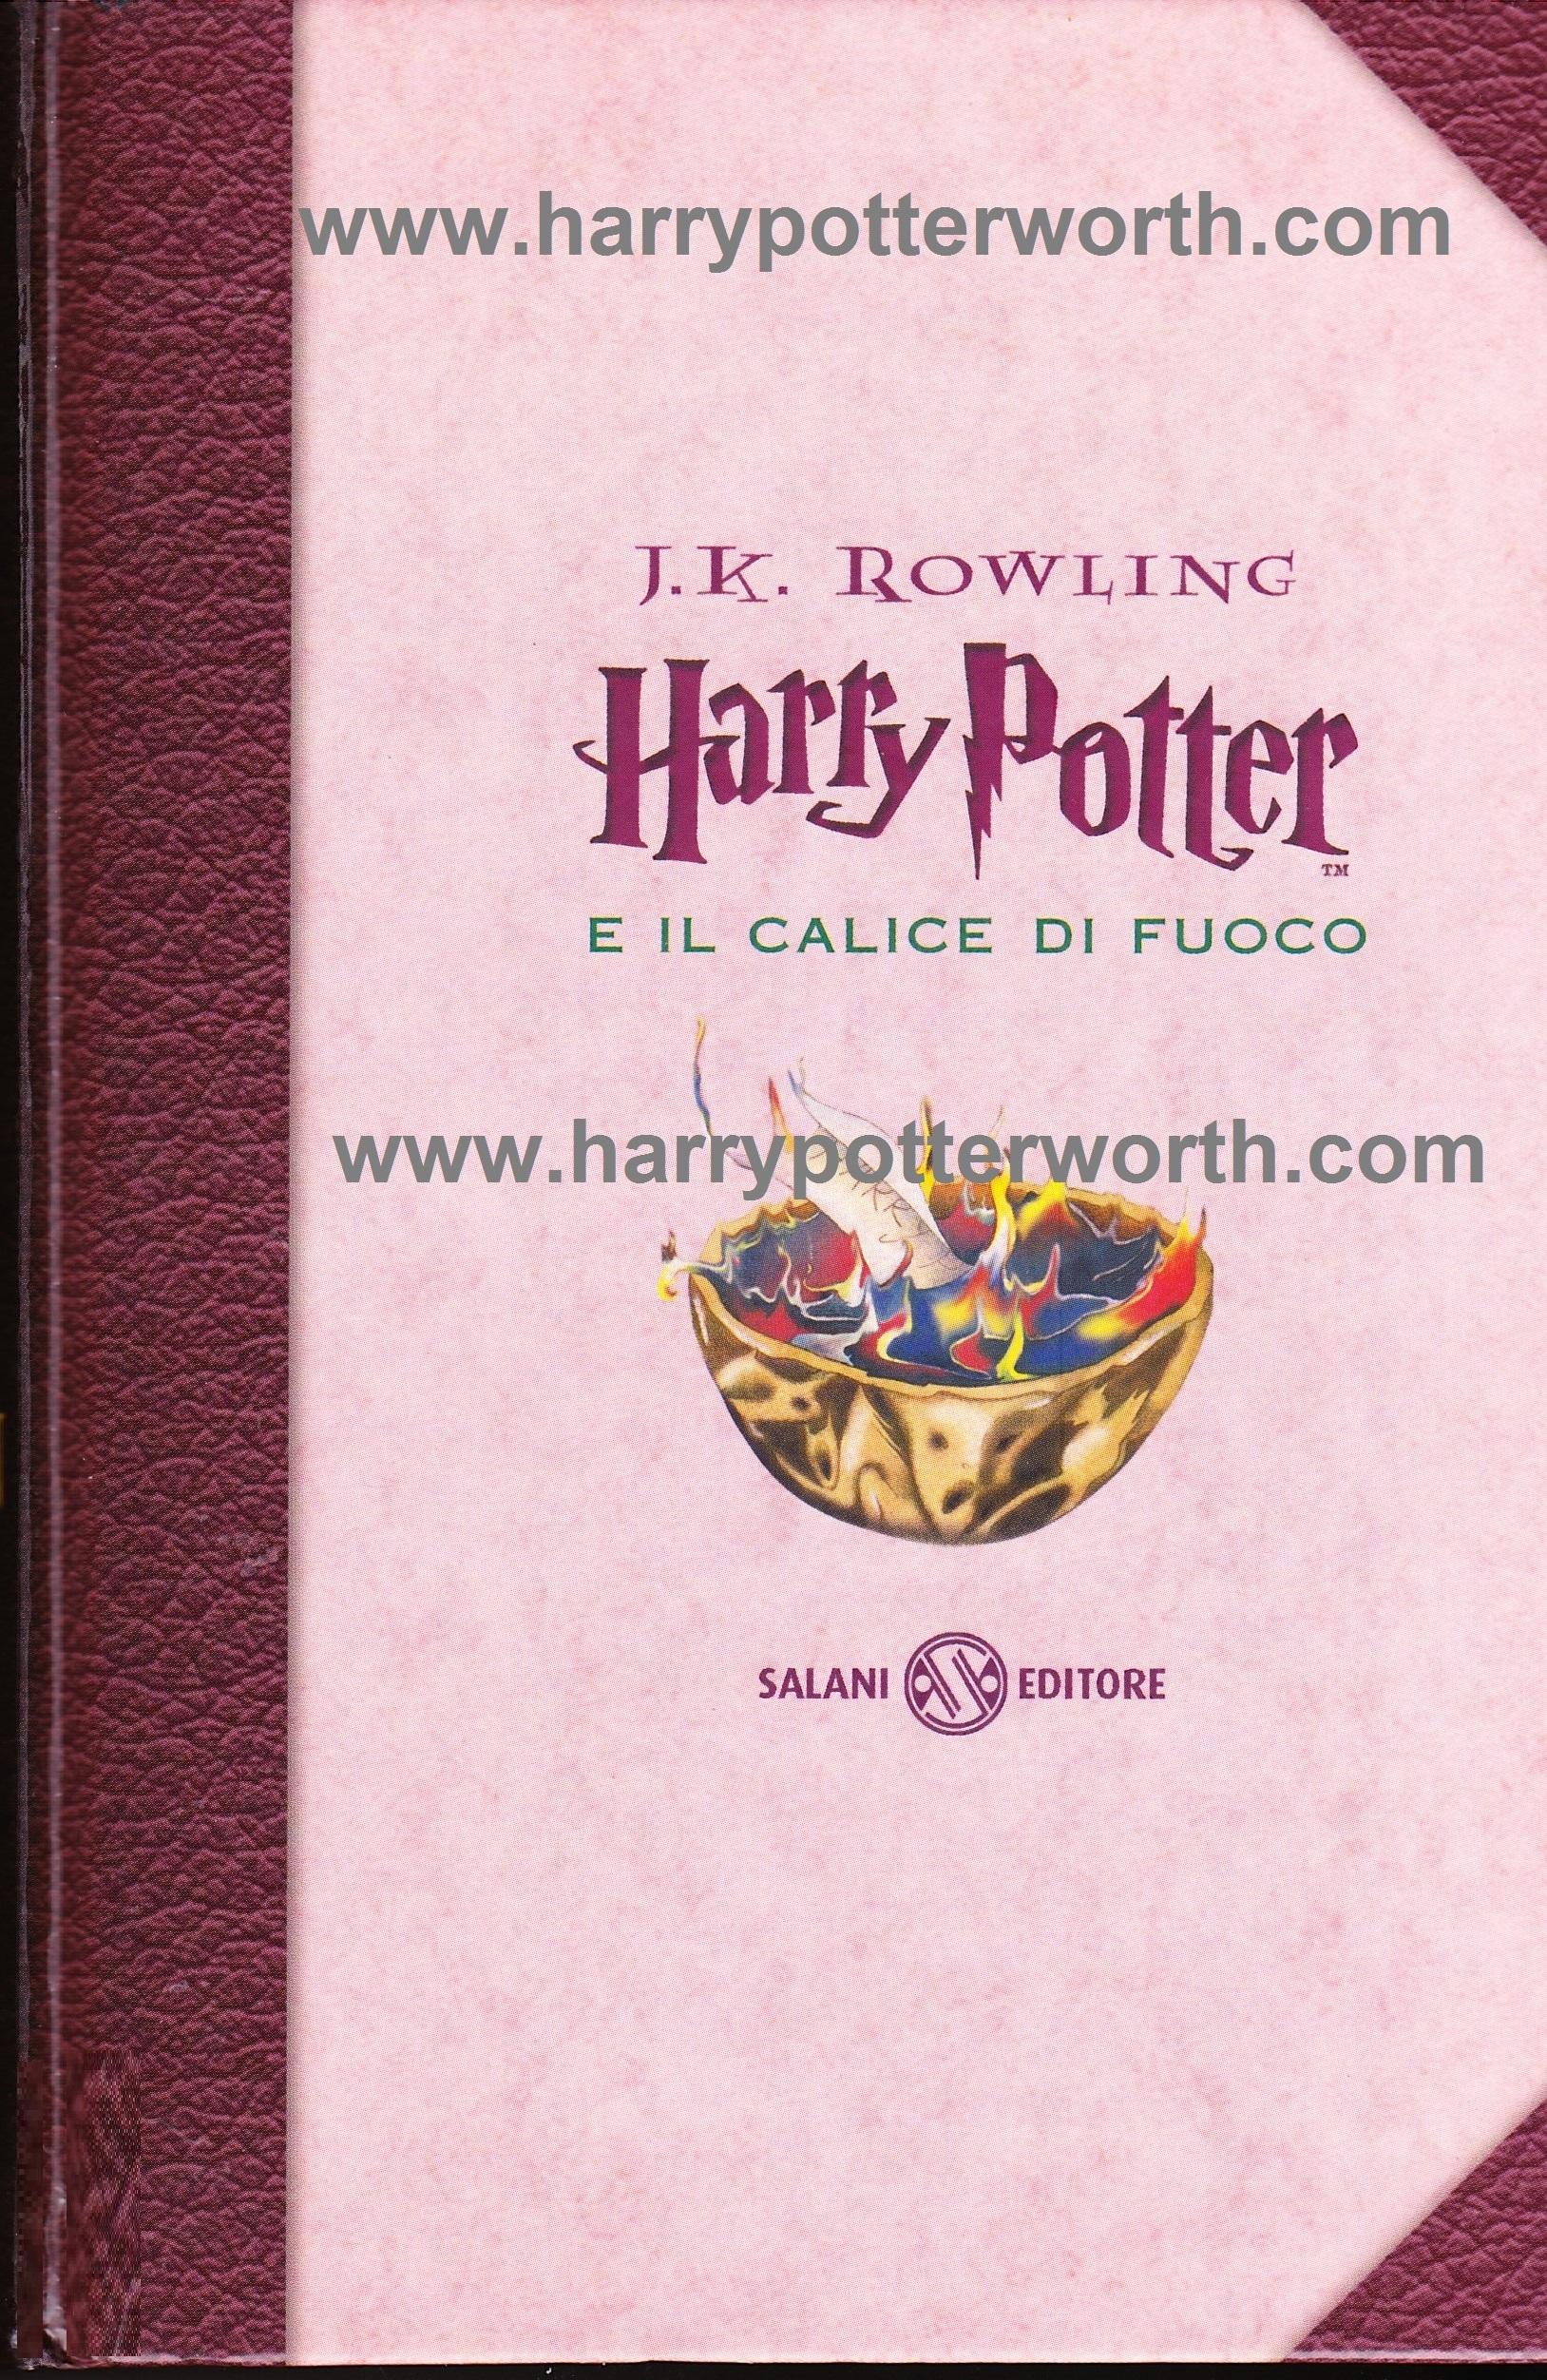 Harry Potter e il Calice di Fuoco Edizione Motto Hogwarts 2007 - Fronte